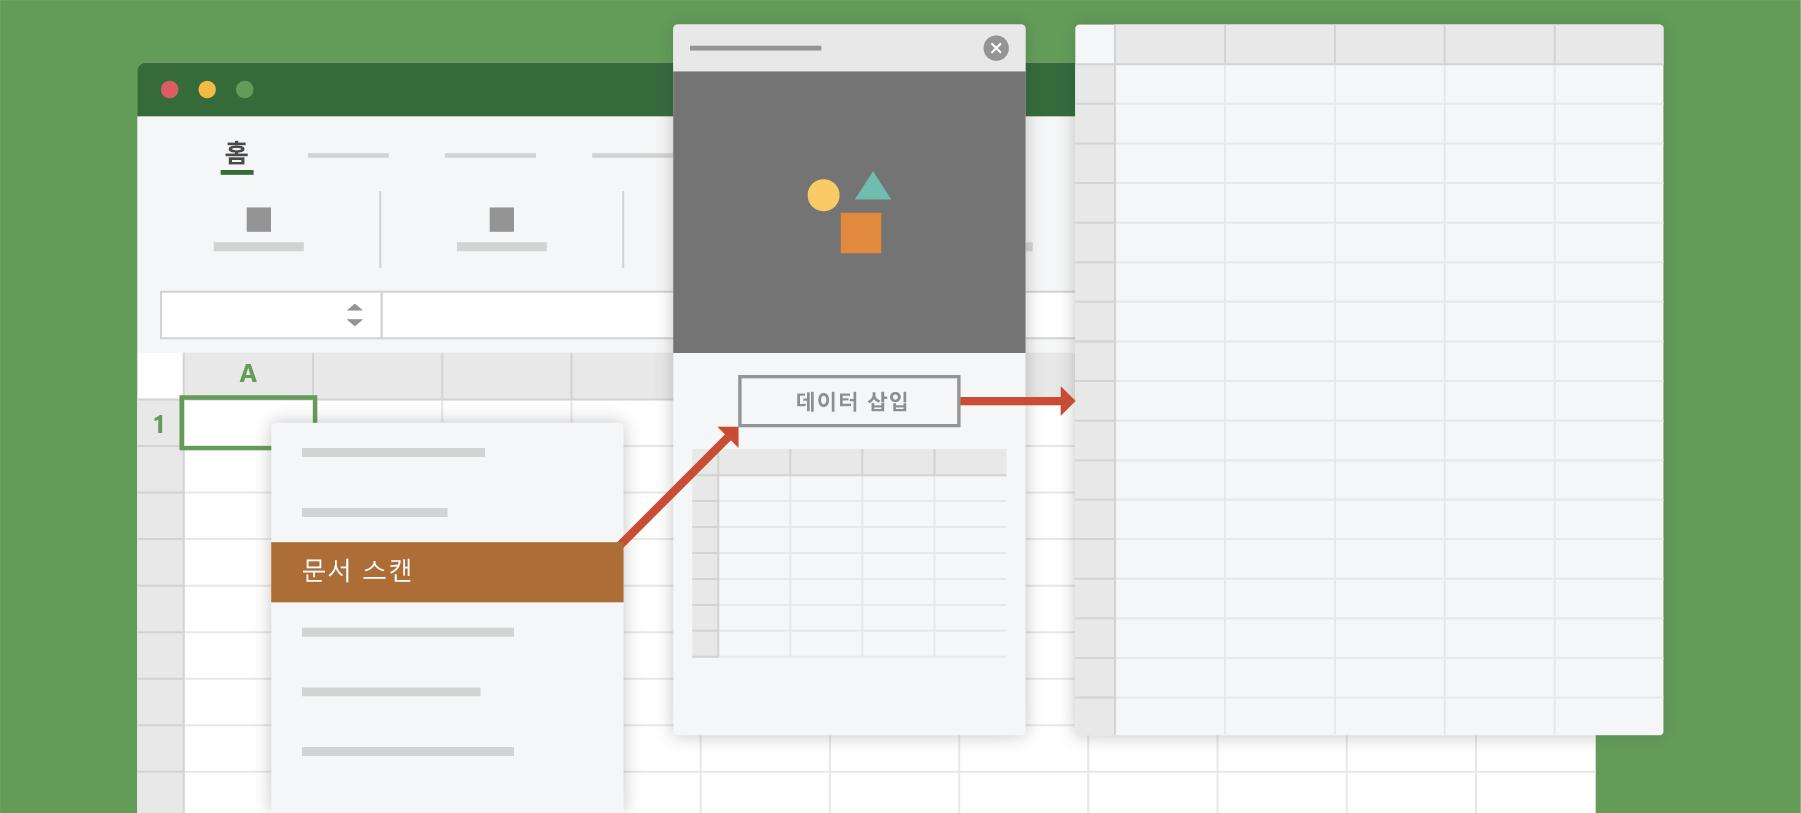 Excel에서 스캔 문서 옵션을 표시